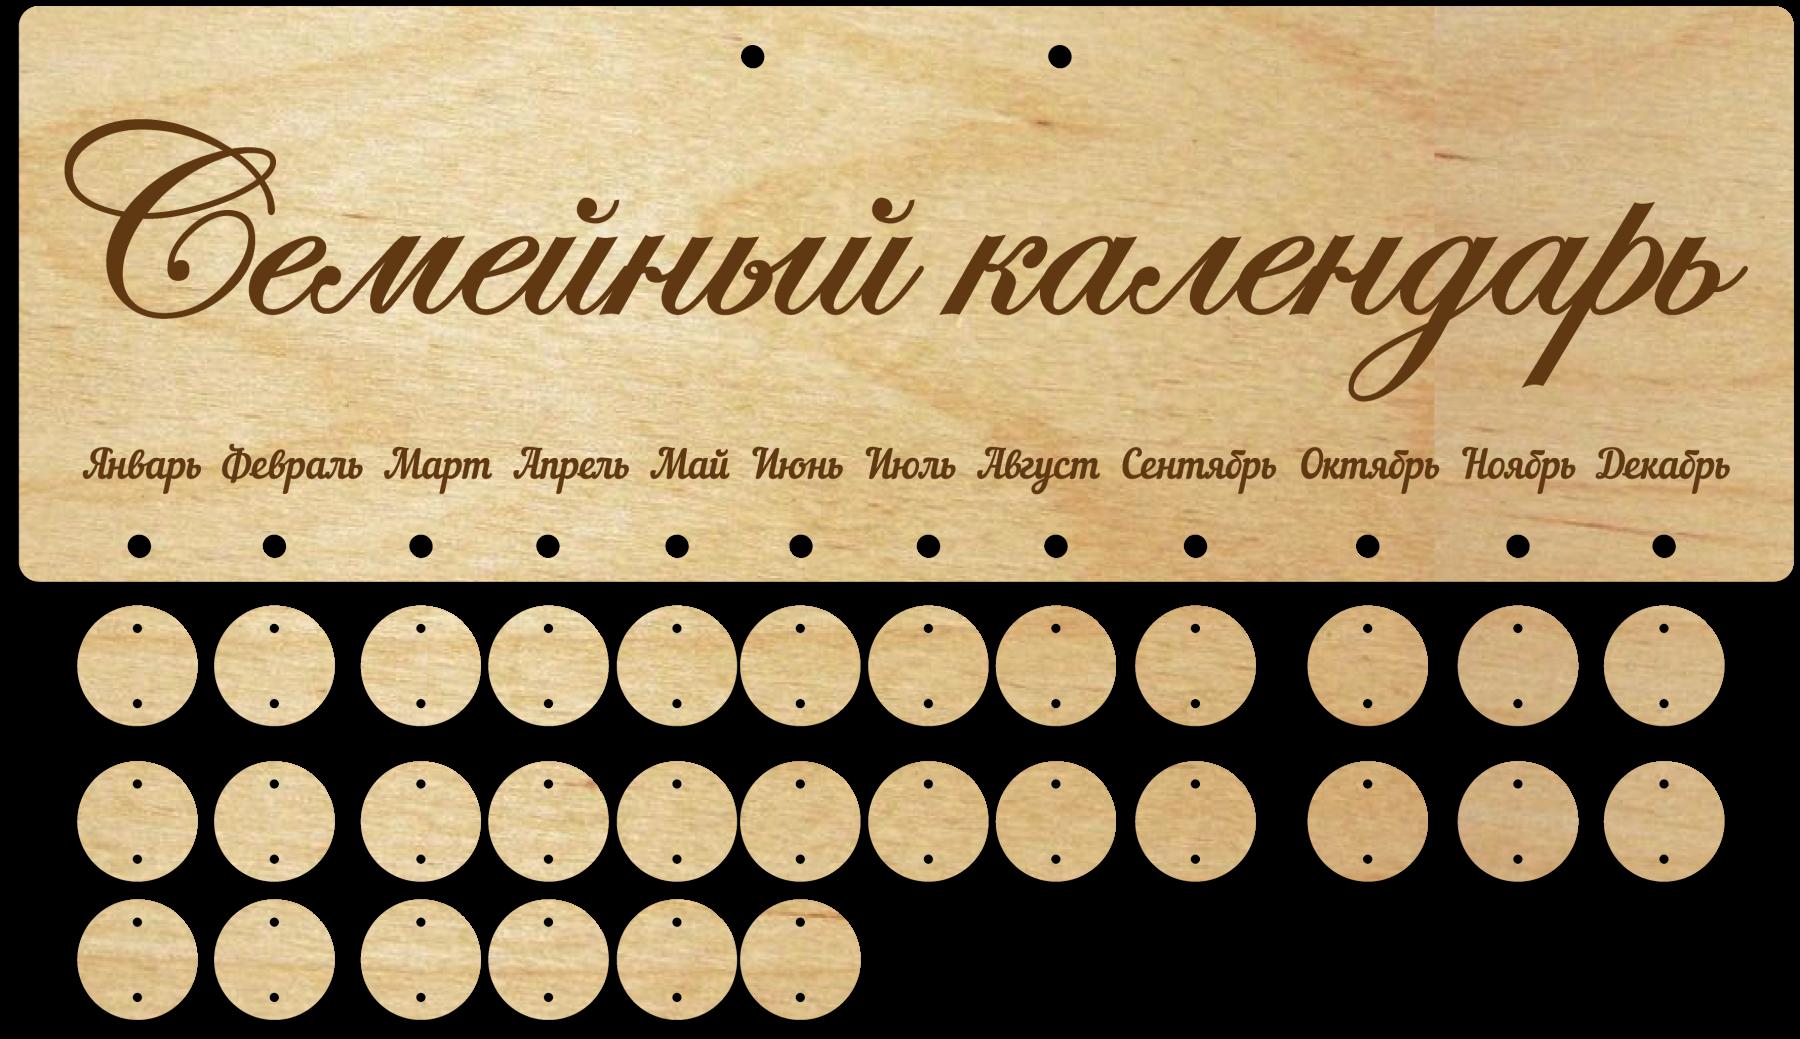 календарь из дерева вечный